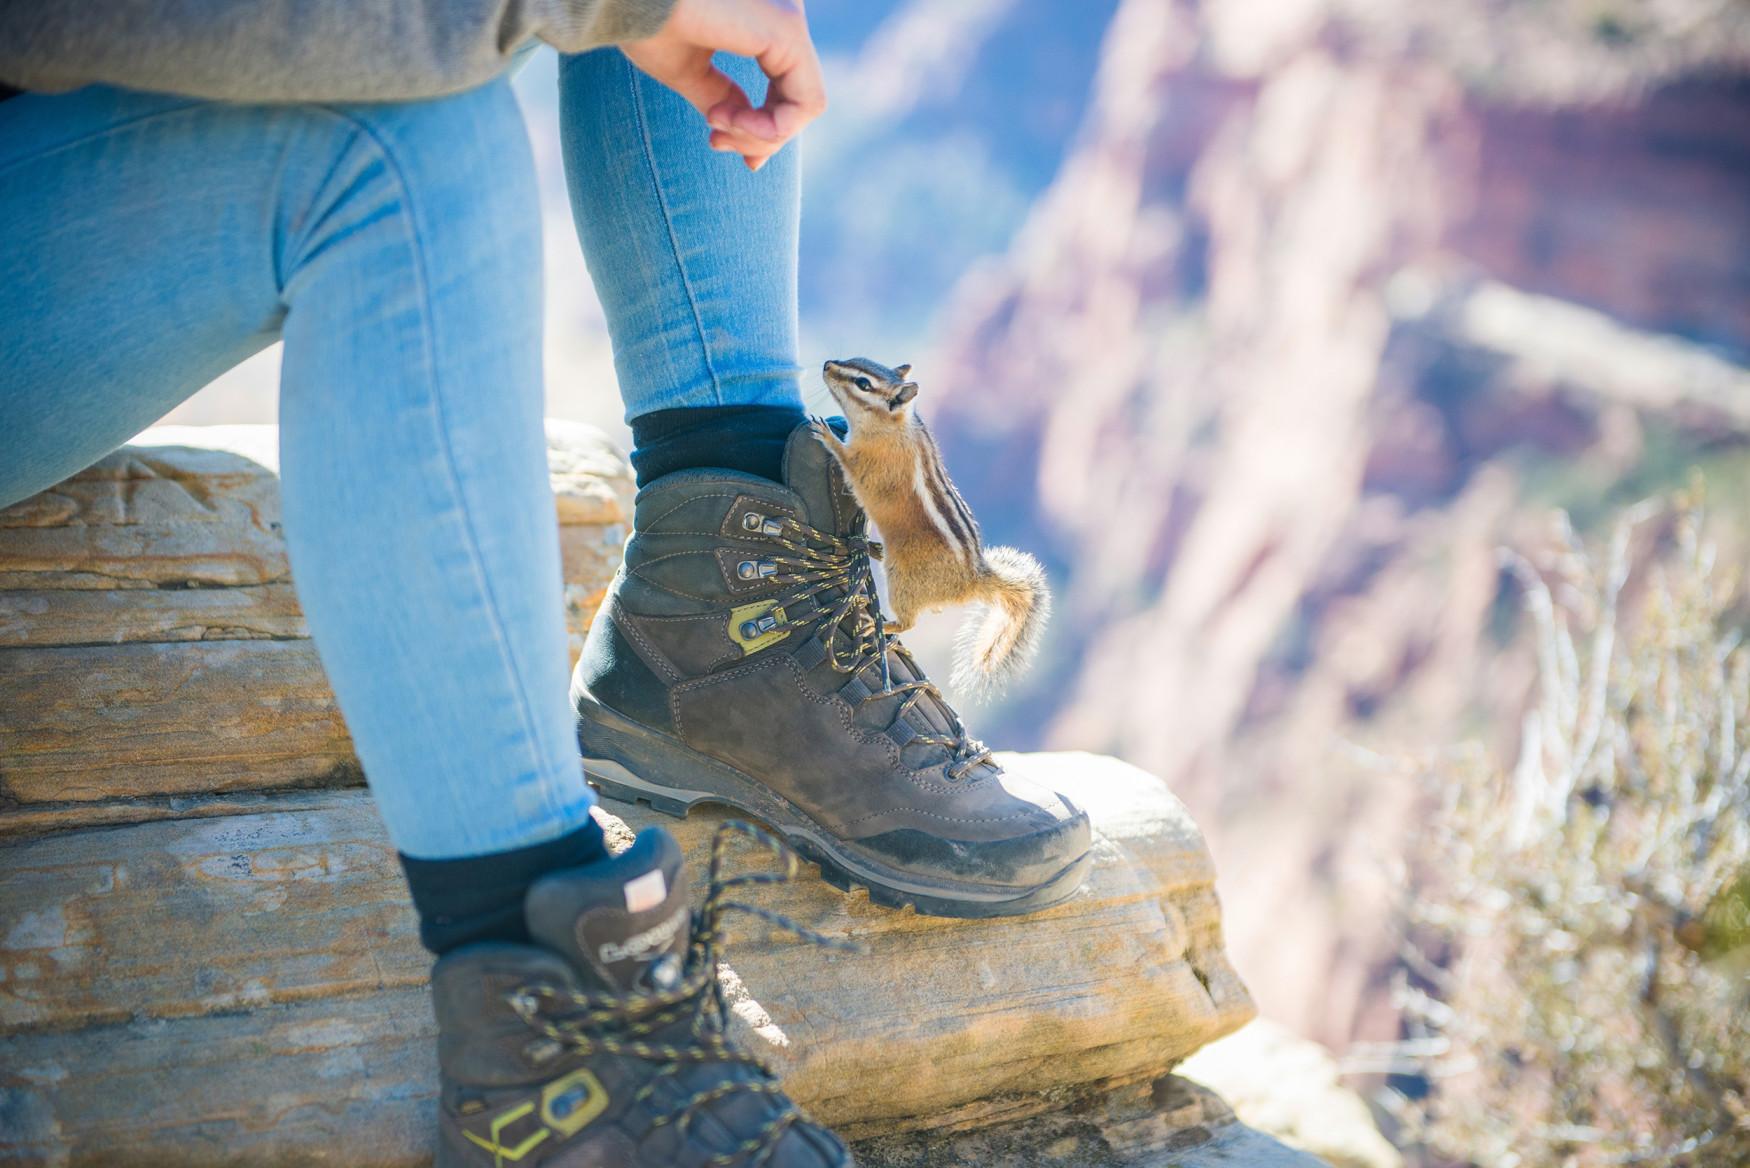 Gar nicht ladylike und trotzdem speziell für die anatomischen Bedürfnisse von Frauenfüßen entwickelt: Der LADY III GTX von LOWA. Dieser Nubukleder-Schuh ist alles andere als zurückhaltend, sondern besonders robust und abenteuerlustig. Gerade auf schwierigen Untergründen bewegen sich Abenteuerinnen dank der  VIBRAM®-NATURAL-Sohle mit ausgeprägter Front- und Absatzprofilierung ausgesprochen souverän. Bei lästiger Nässe ist Verlass auf die integrierte GORE-TEX-Membran. Ein Schuh also für die Herausforderungen bei langen Wanderungen und Trekkingtouren im Mittel- und Hochgebirge.